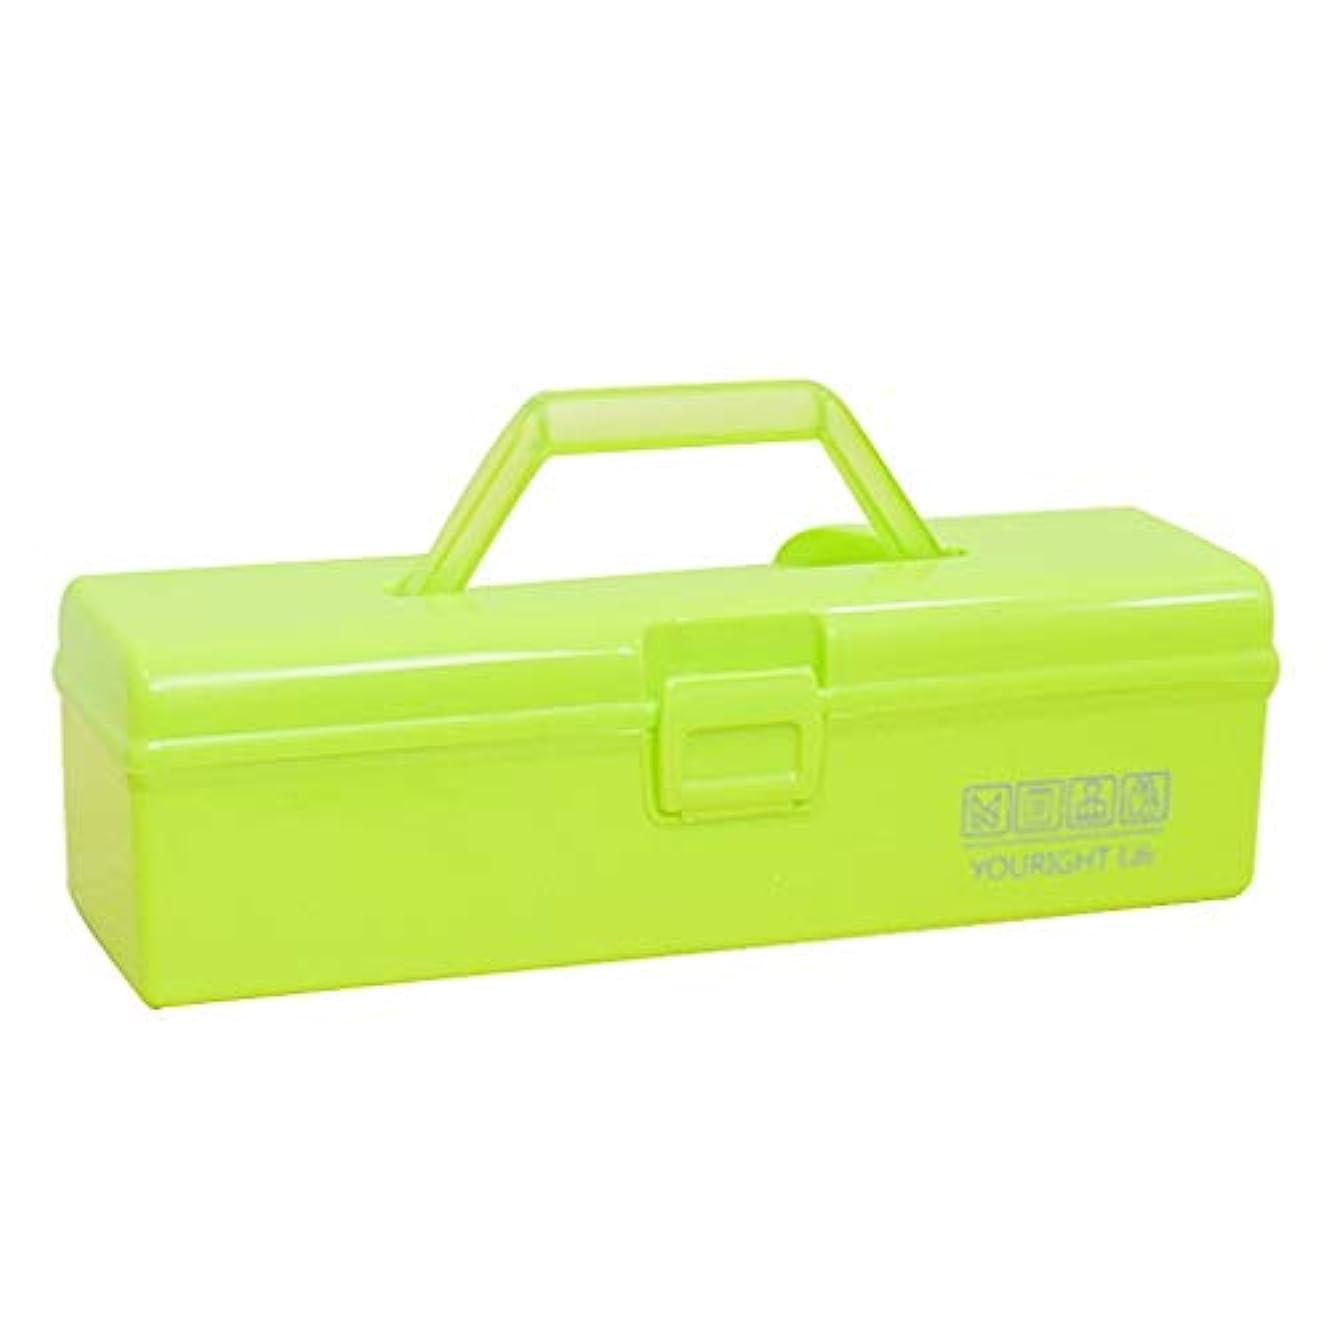 放置区別するセンブランスカラーベルトハンドル収納ボックス薬箱ツールボックス収納ボックス 薬箱 (Color : Green, Size : 30cm×9cm×9cm)